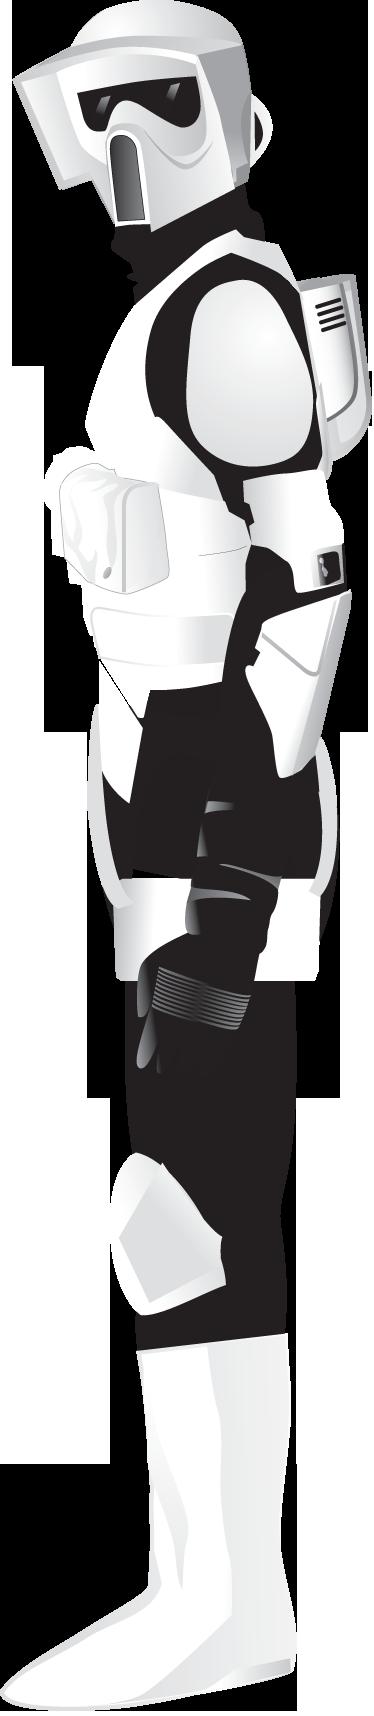 TenStickers. Sticker Star Wars Imperial Army trooper. Muursticker van een stormtrooper, een soldaat van the Imperial Army in de verhalen van Star Wars. Een mooie wandsticker voor de filmliefhebbers.